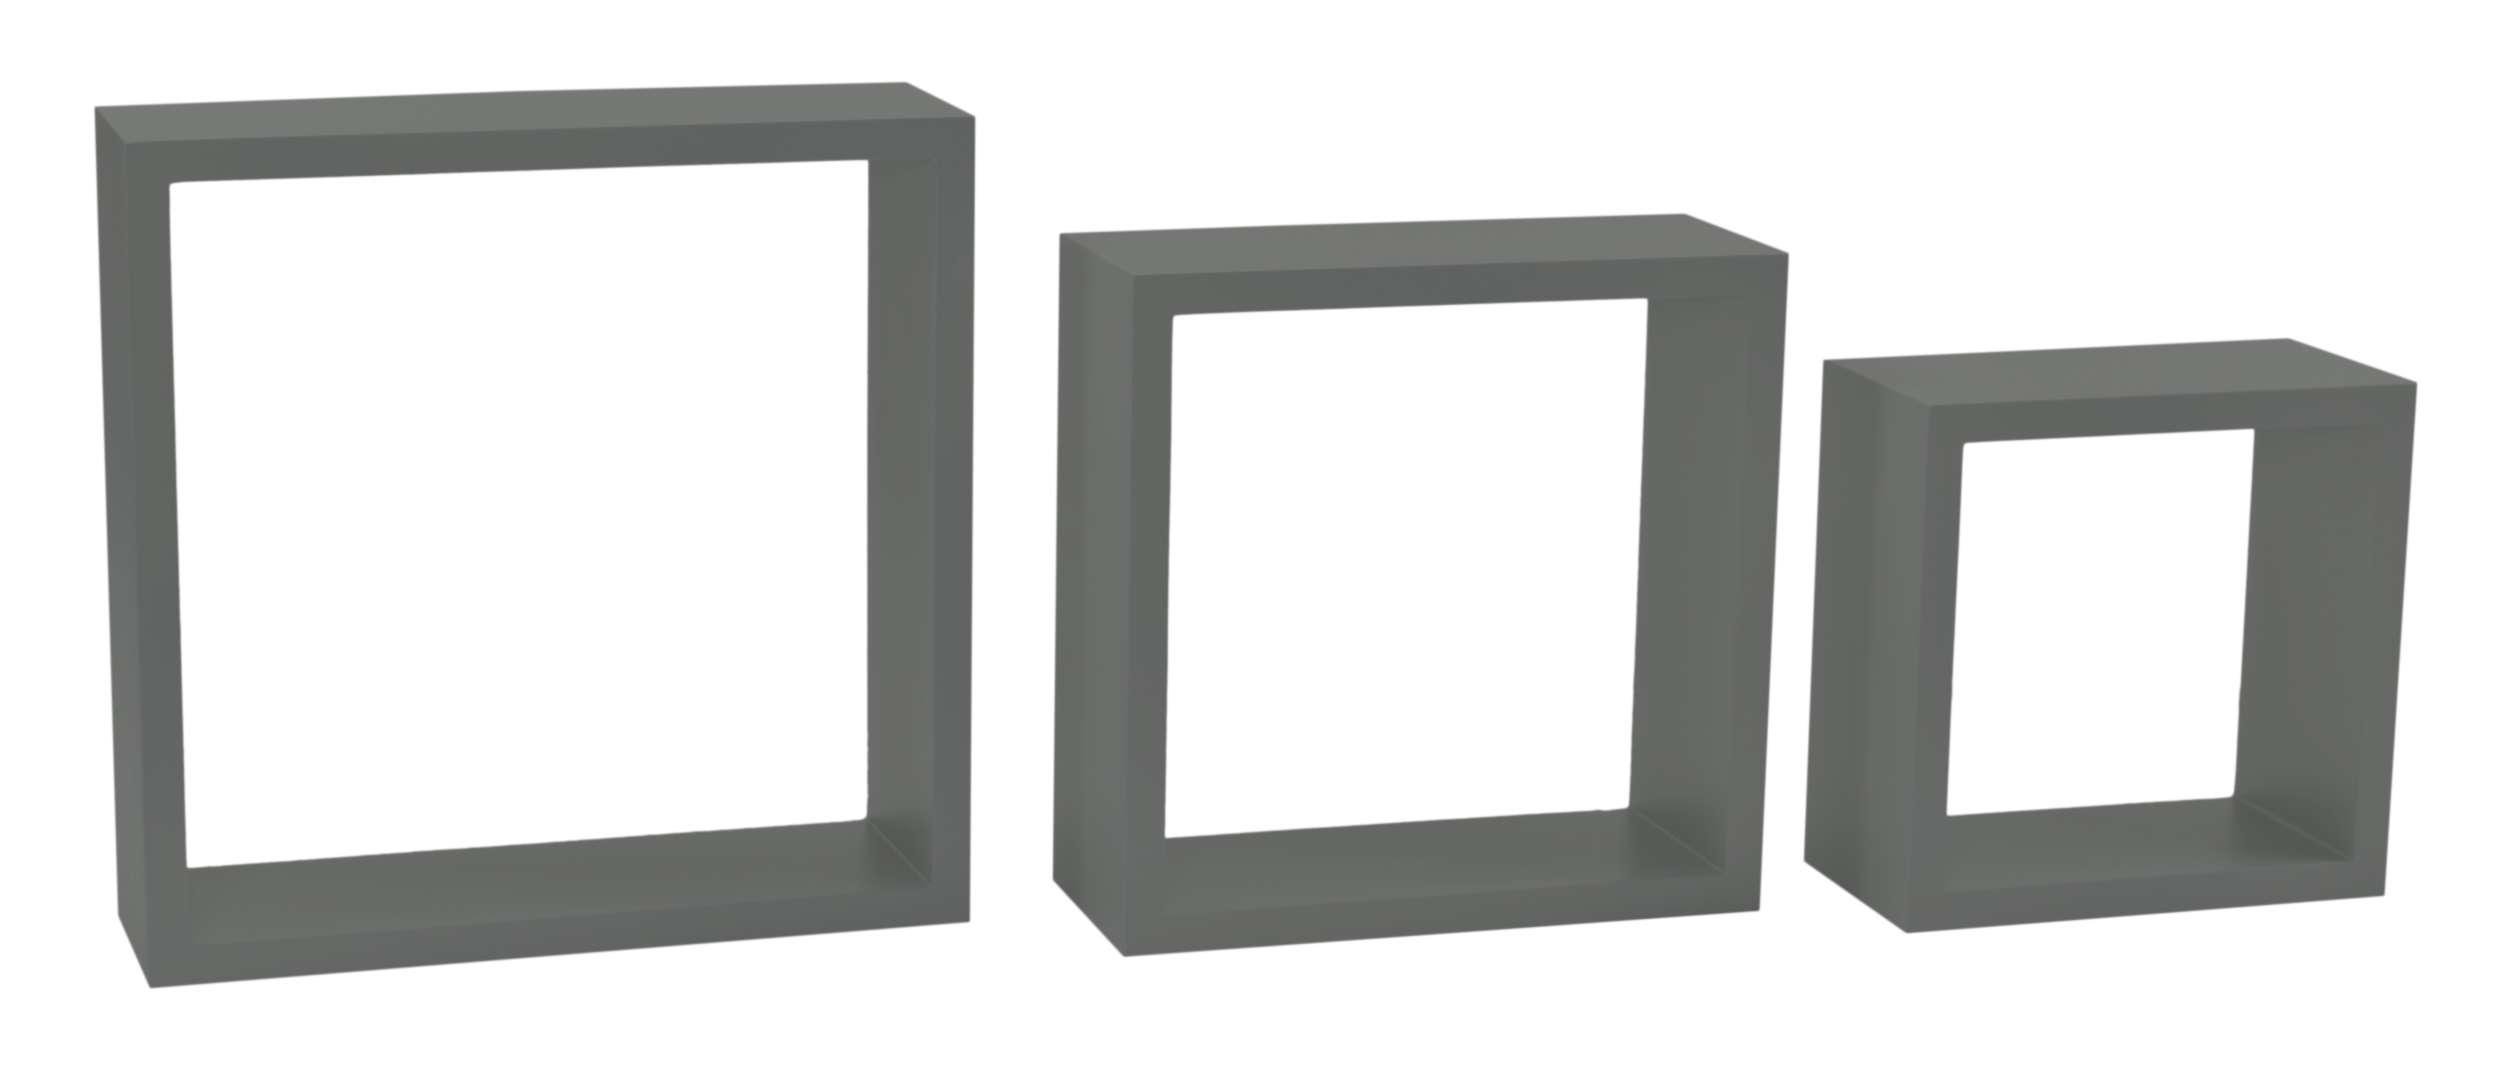 3 Półki Wiszące Cube Quad Szary Ehokerypl Tanie